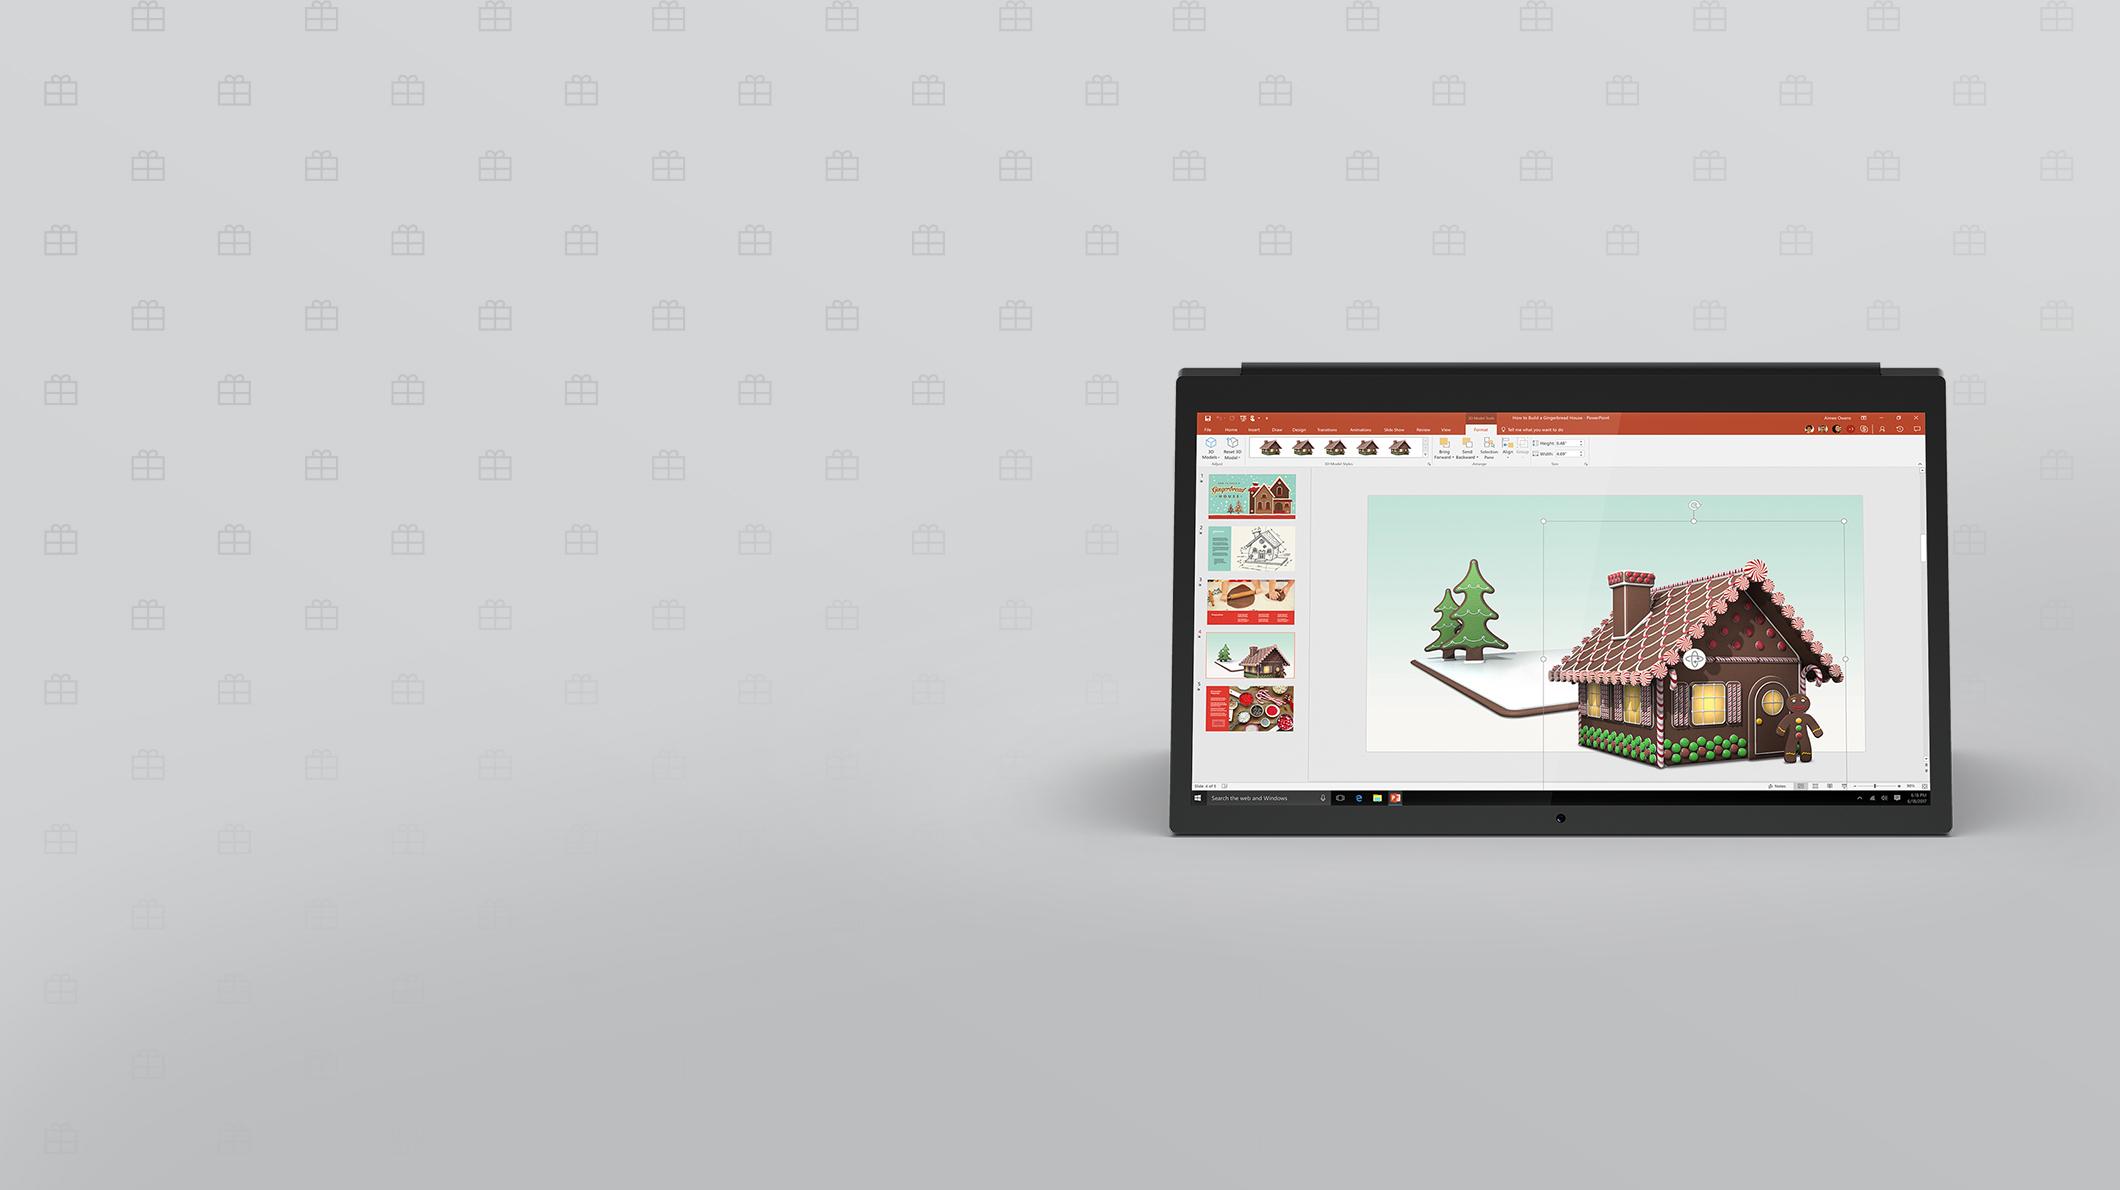 Un ordinateur portable avec une image des fêtes à l'écran.